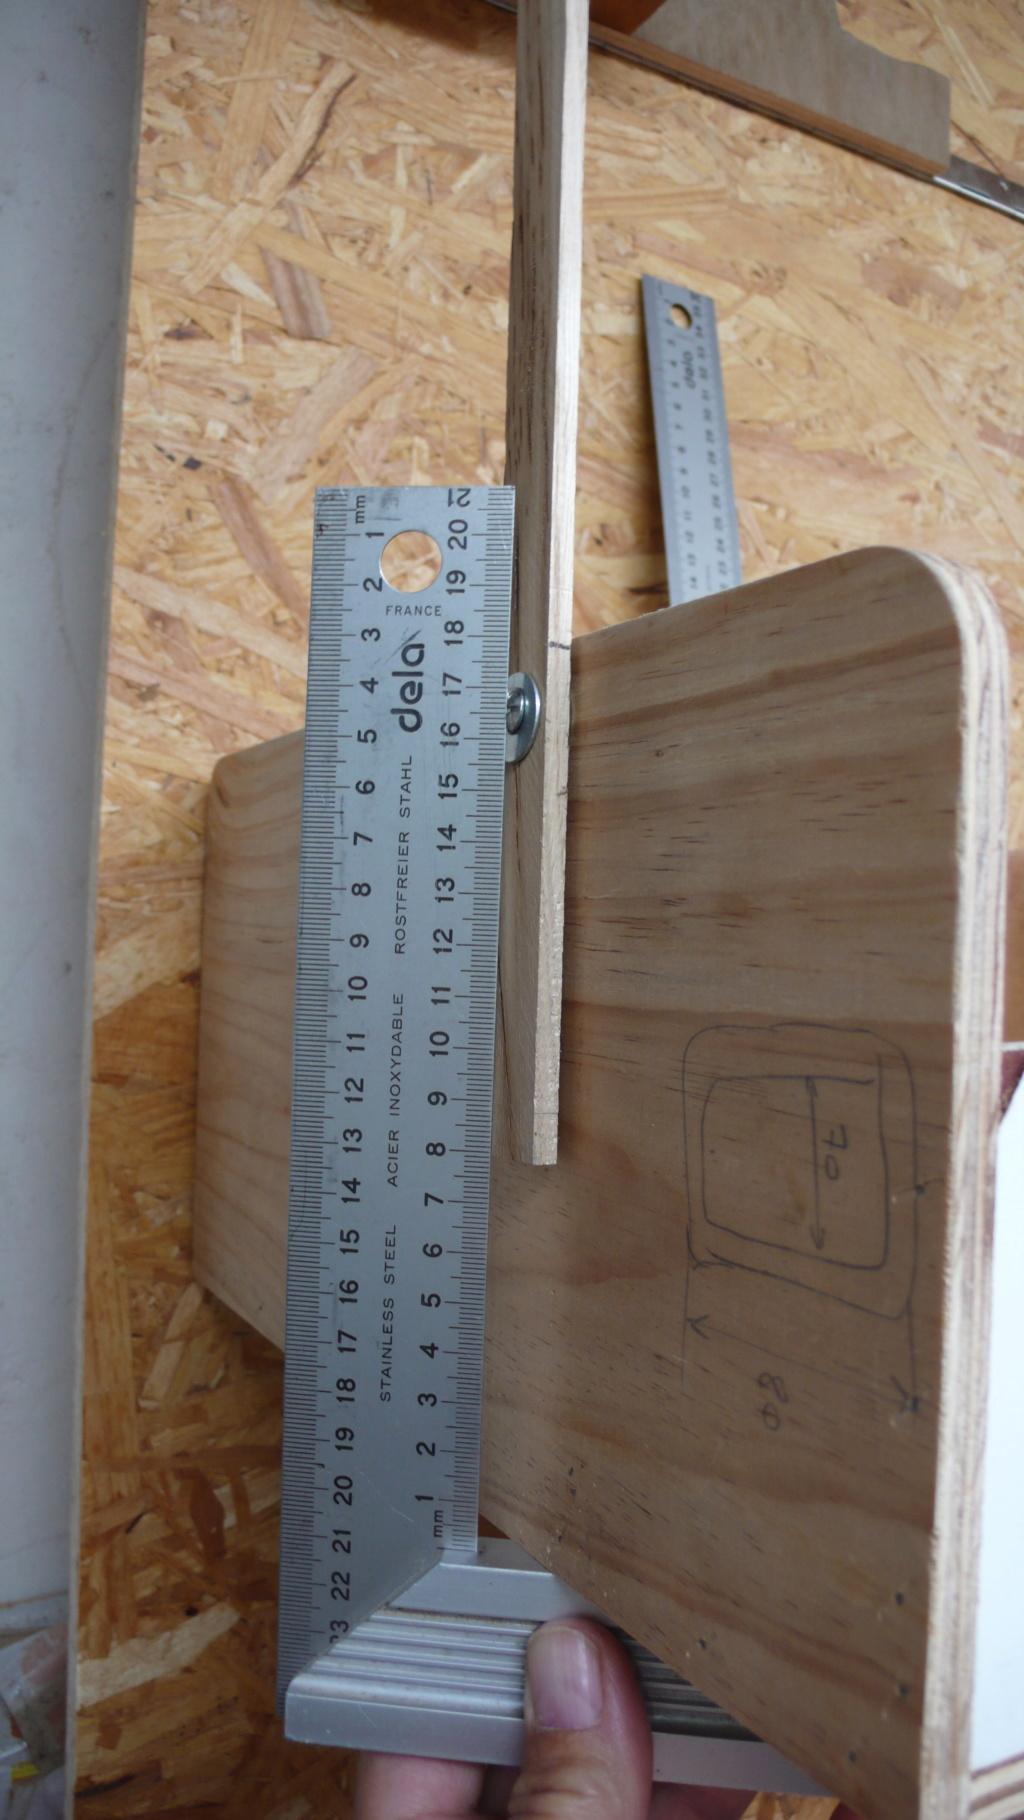 Rangement matériel au plafond L1050713